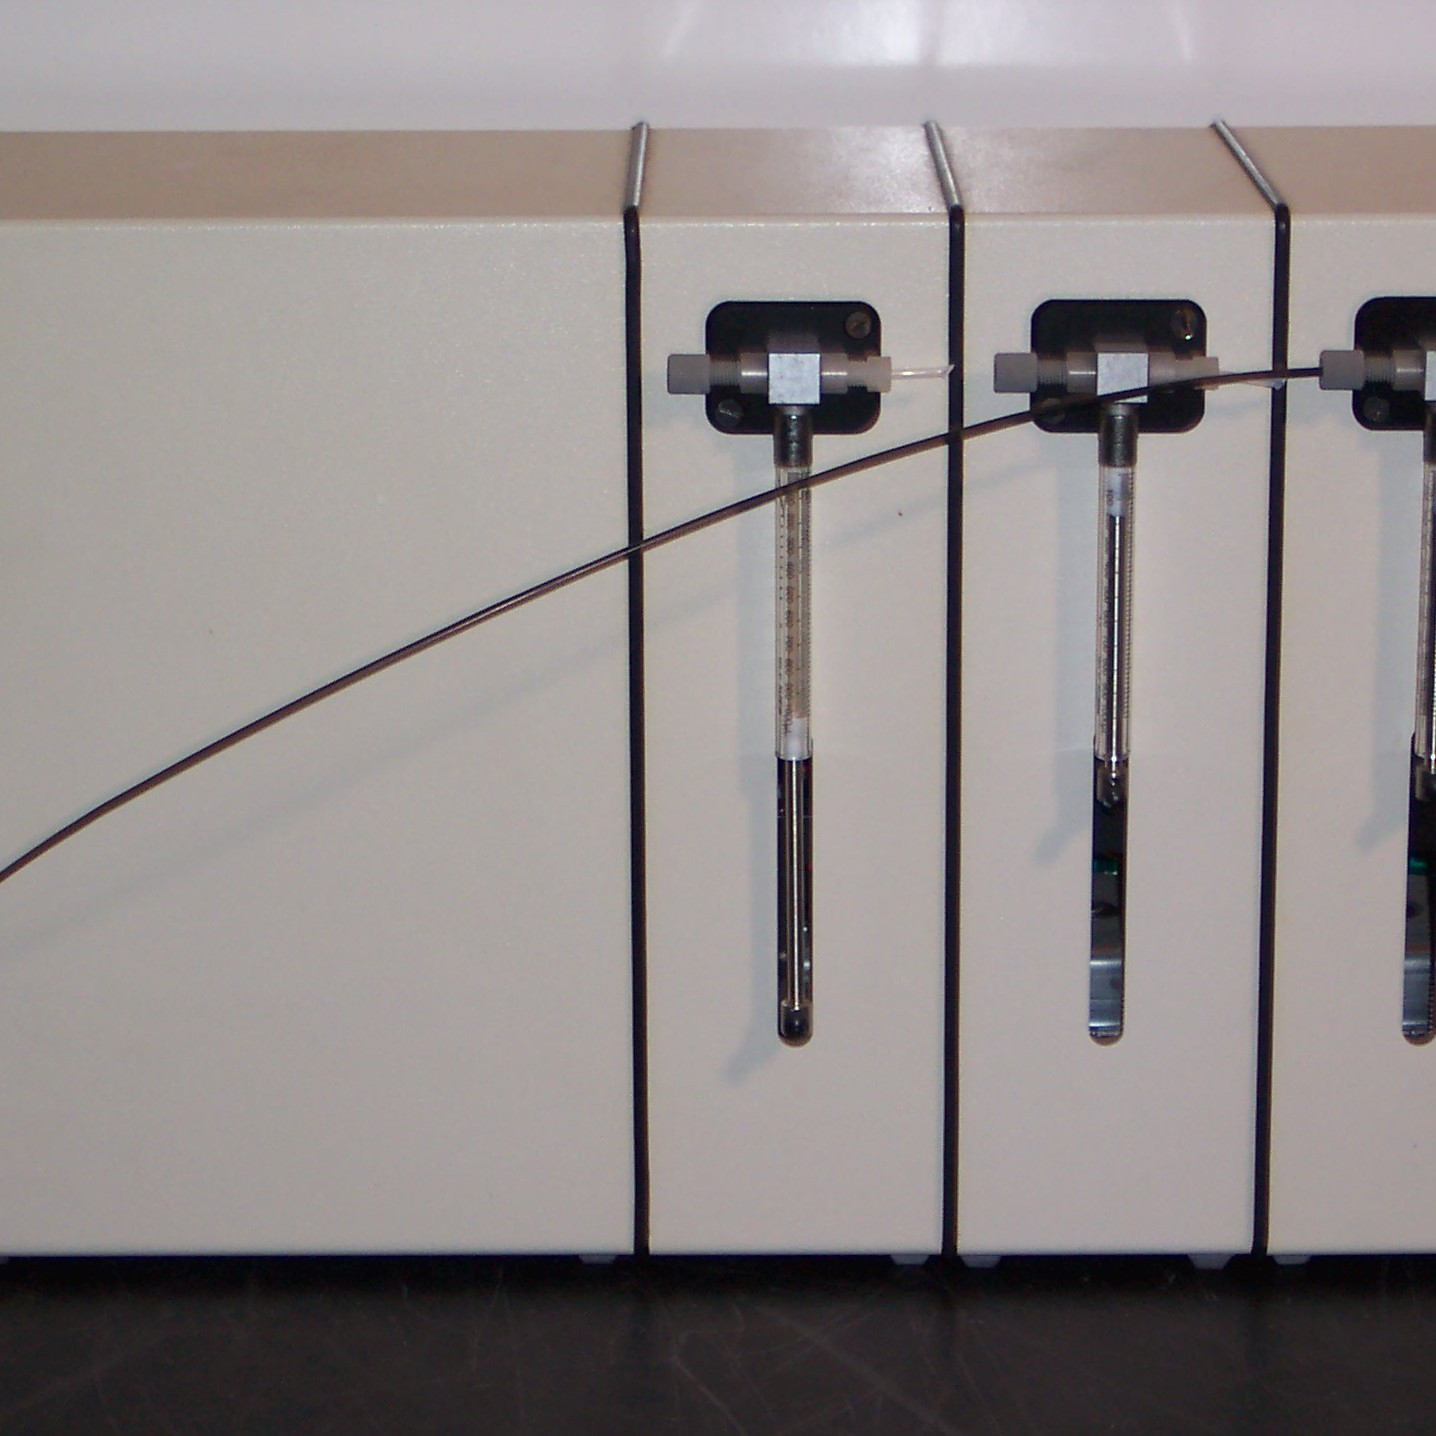 Dynatech Model 722153D 3 Syringe Injector Image